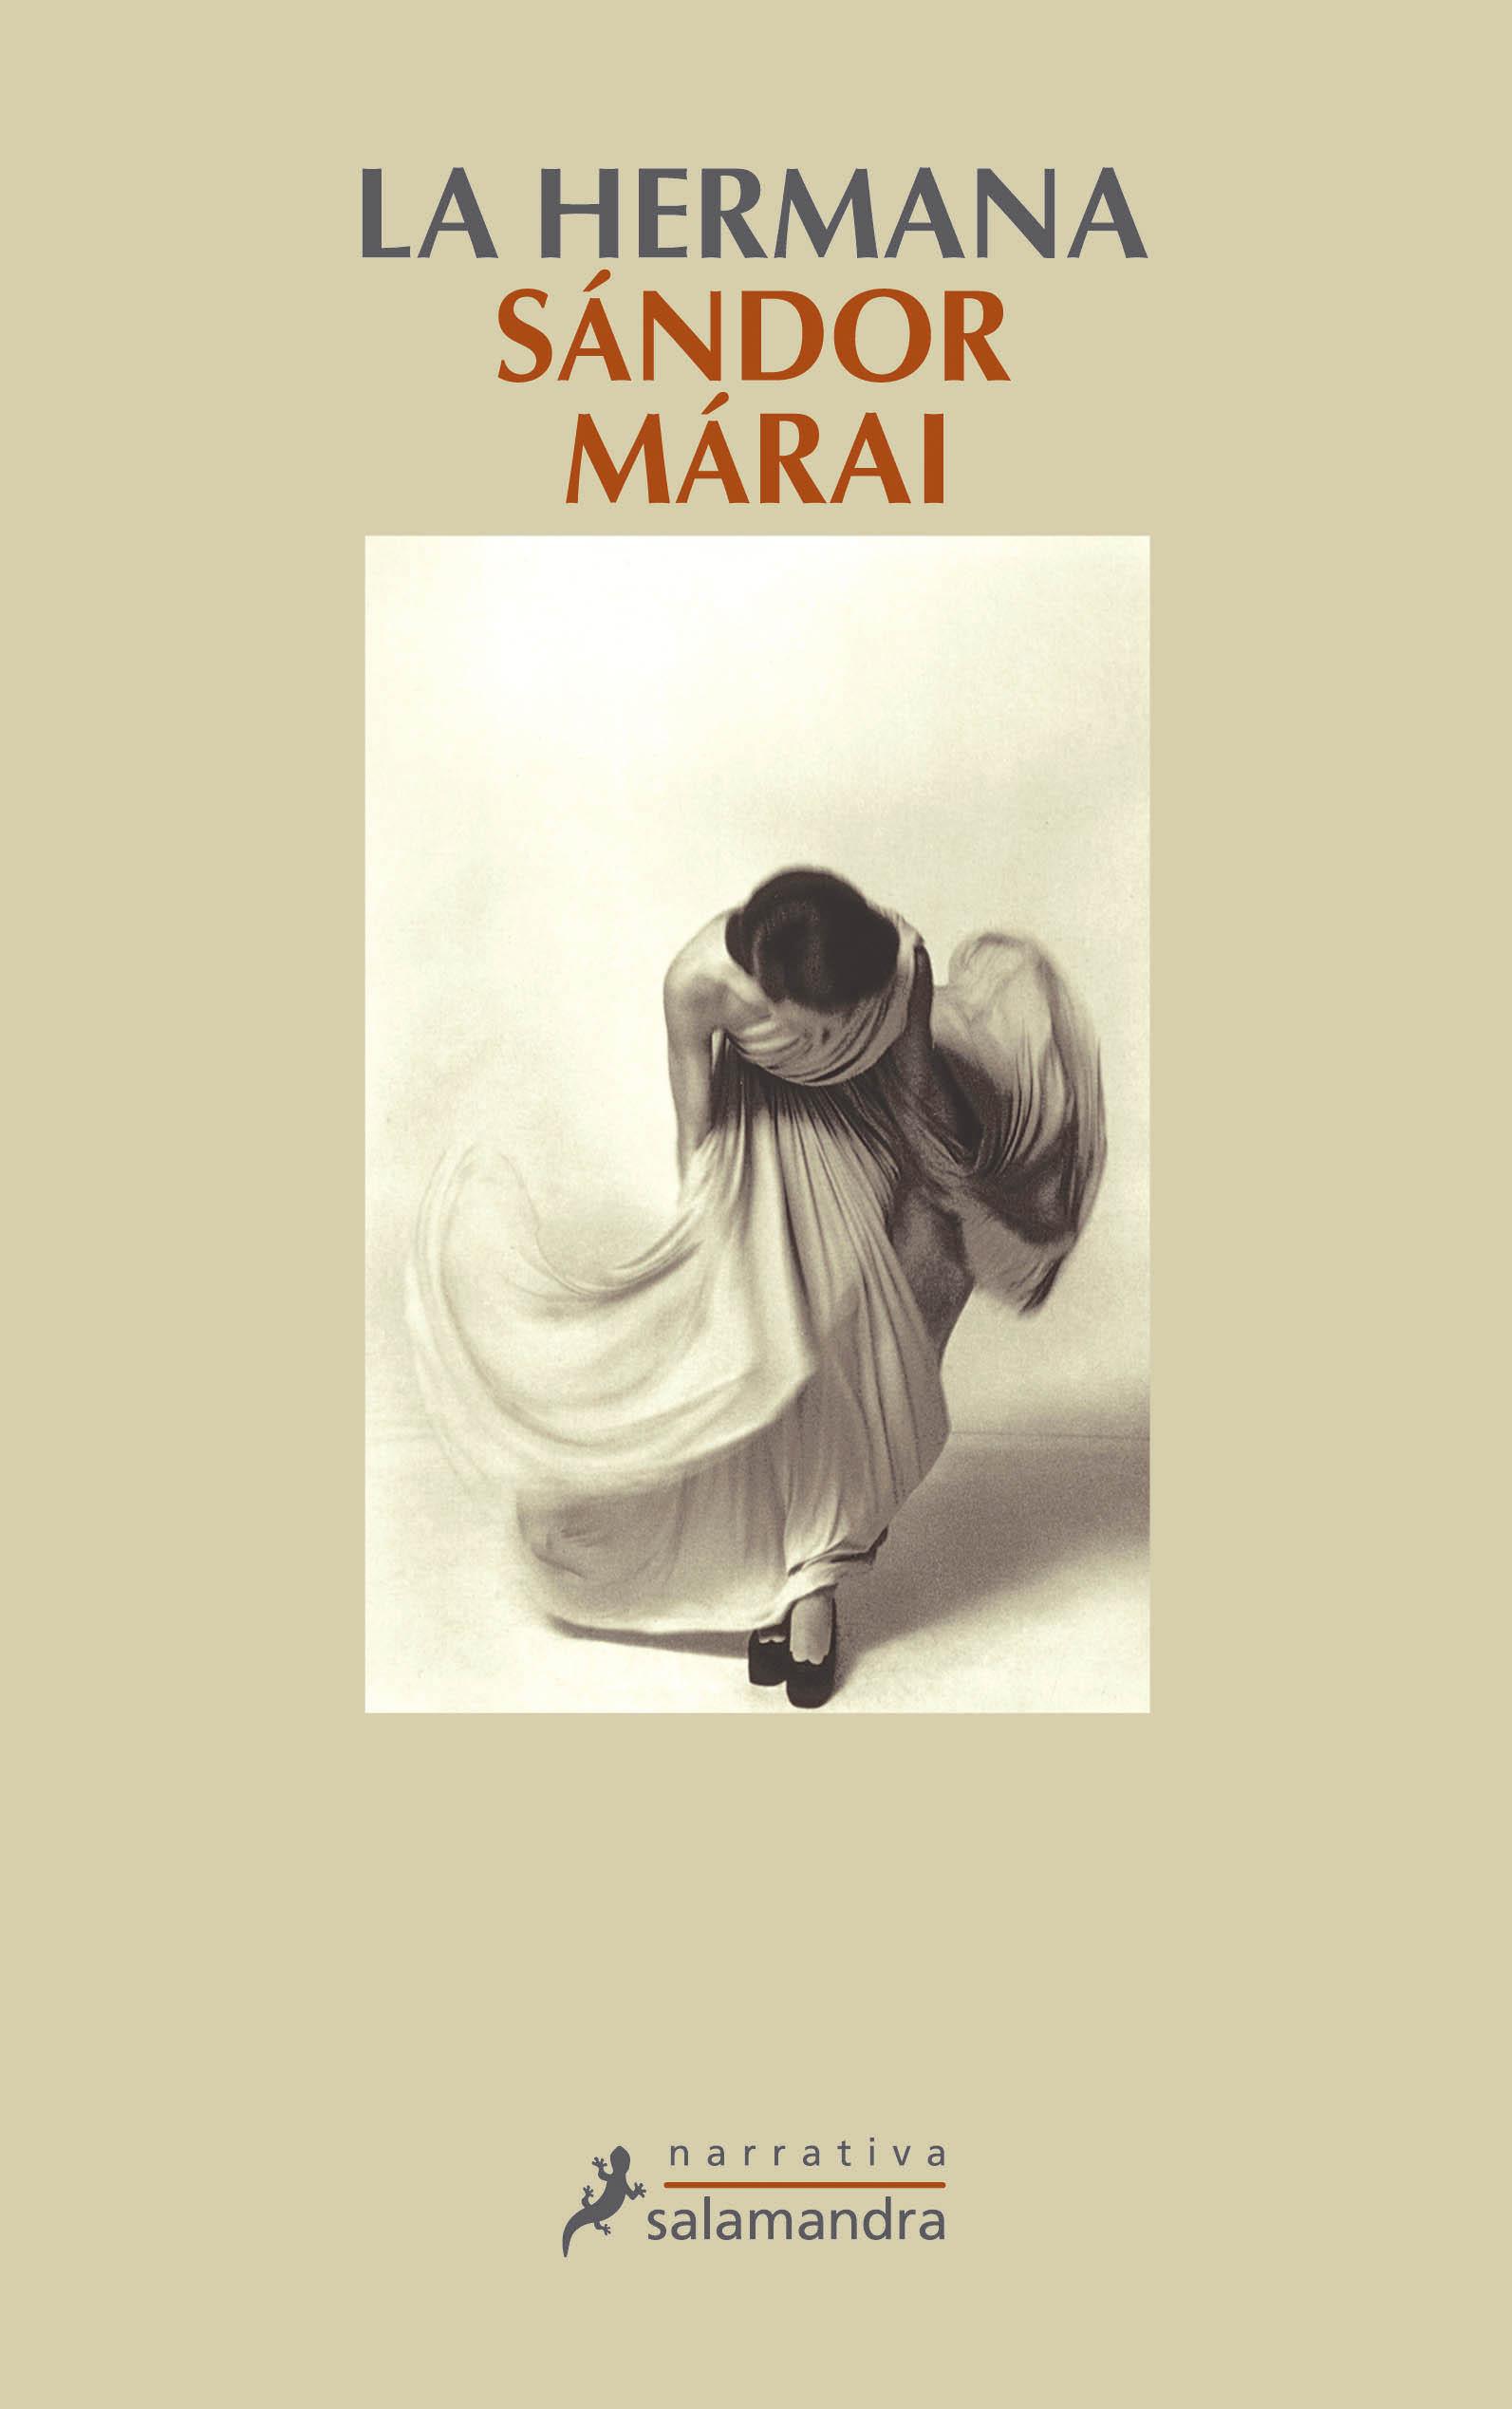 La Hermana - Marai Sandor